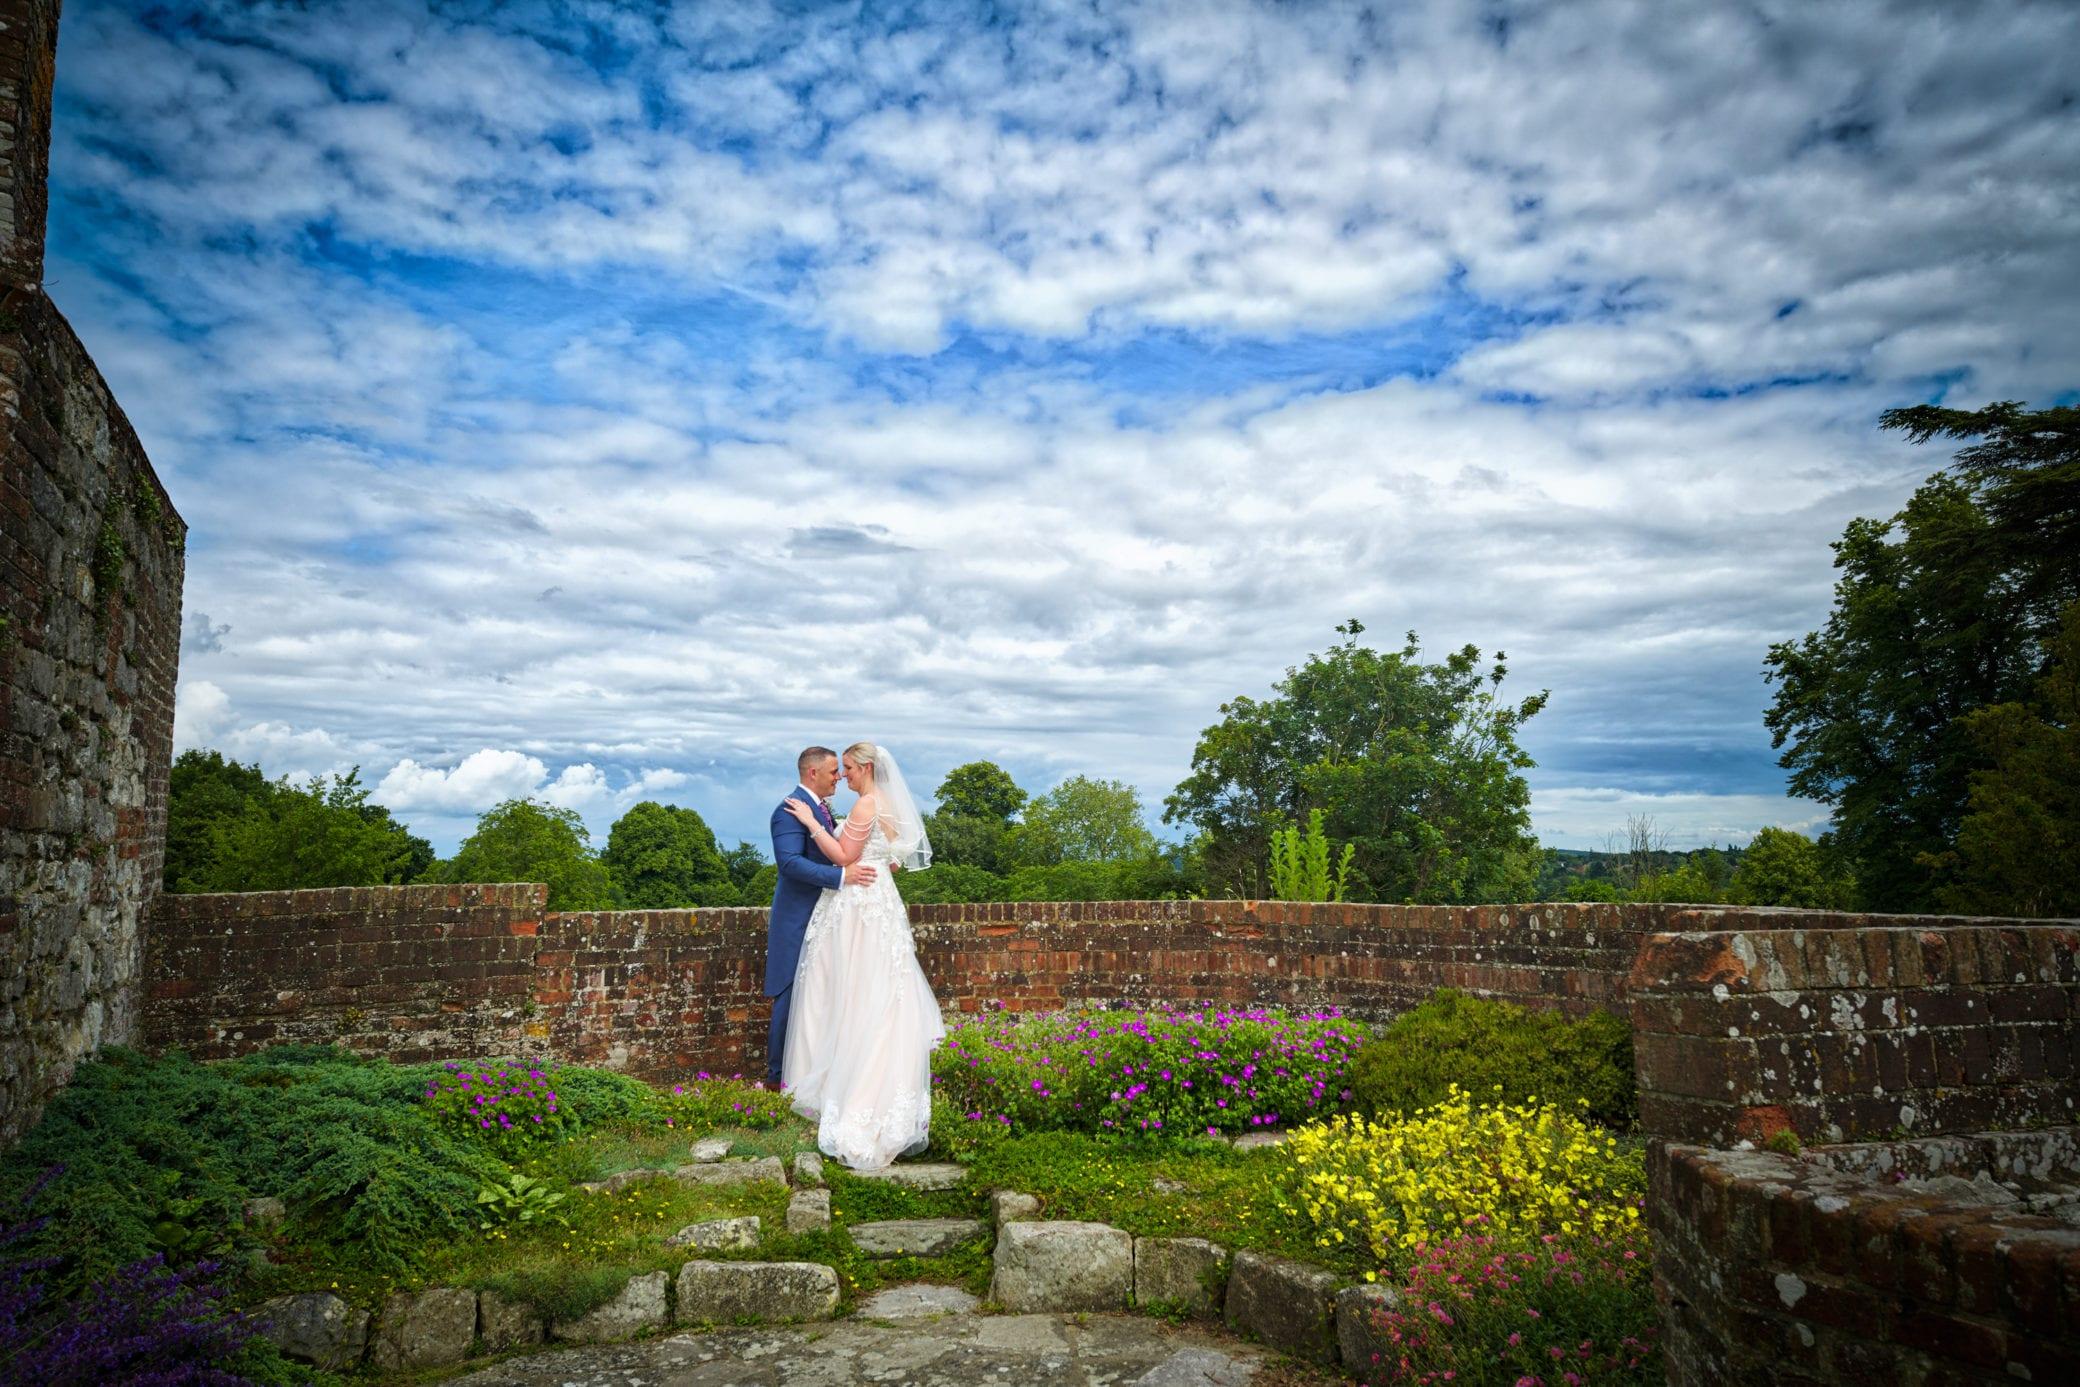 Countryside wedding venue in Farnham Surrey